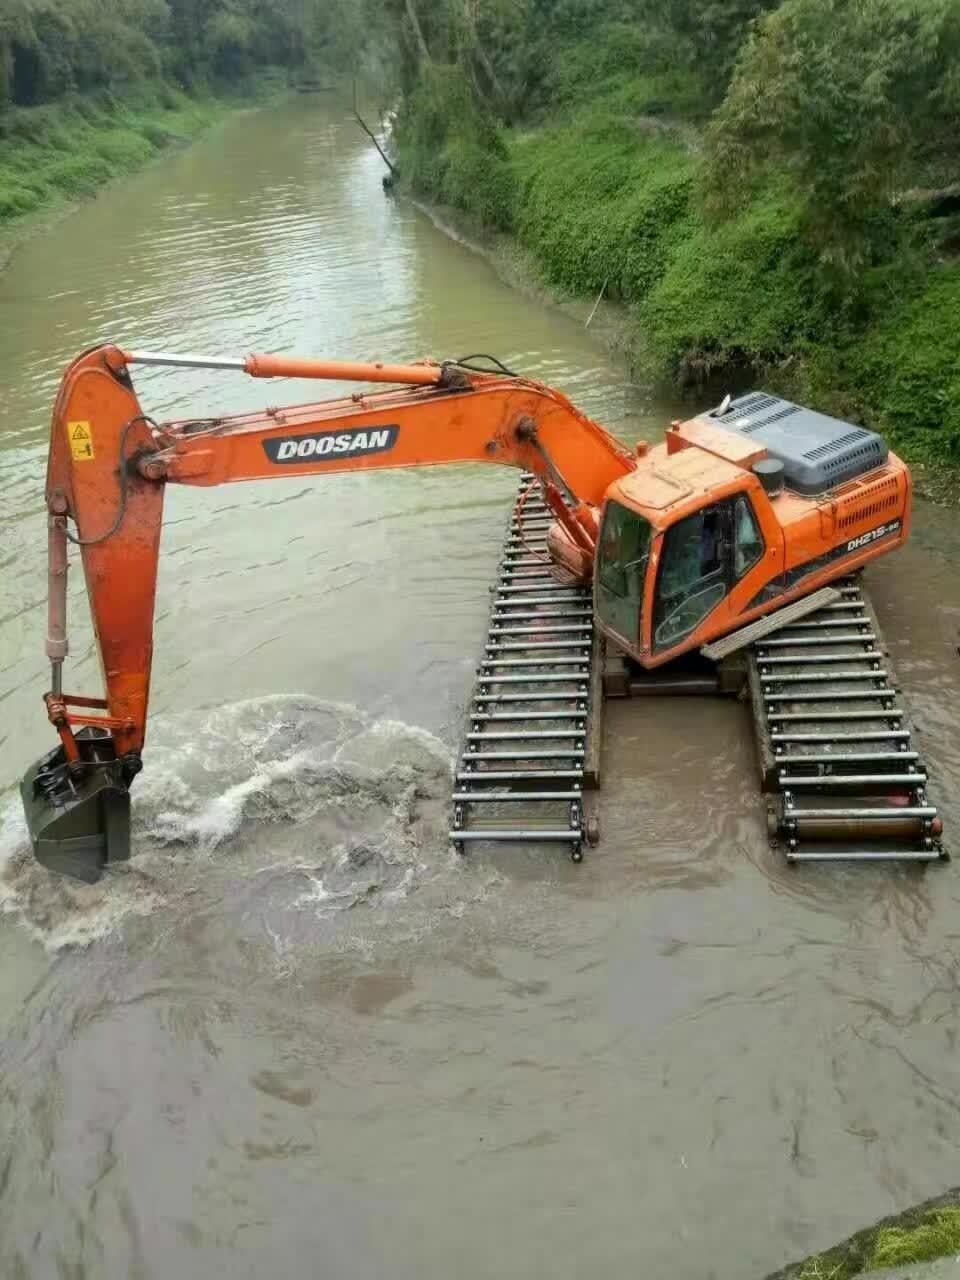 专业水上挖掘机出租哪个品牌好